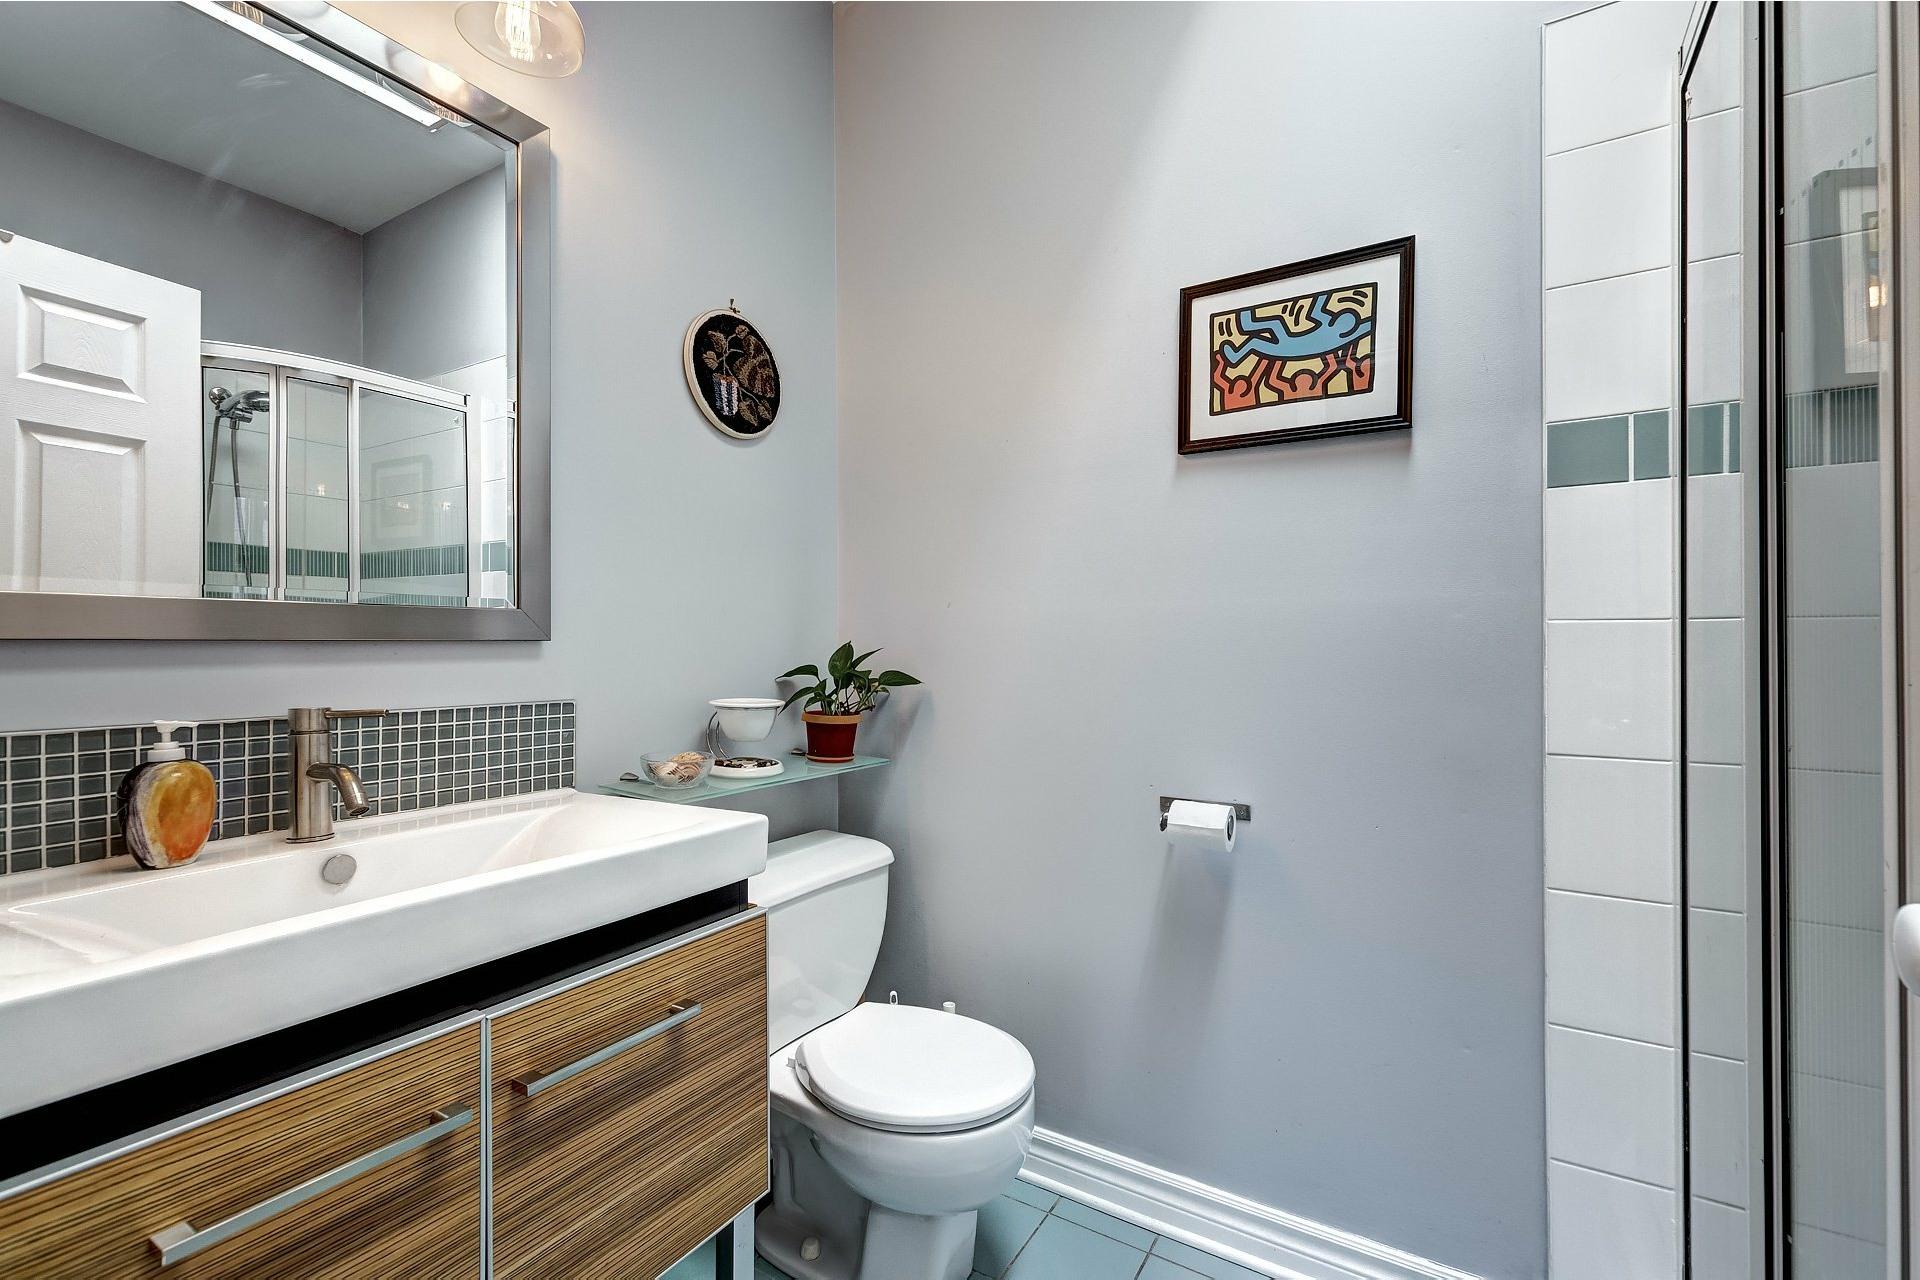 image 5 - Appartement À vendre Outremont Montréal  - 6 pièces